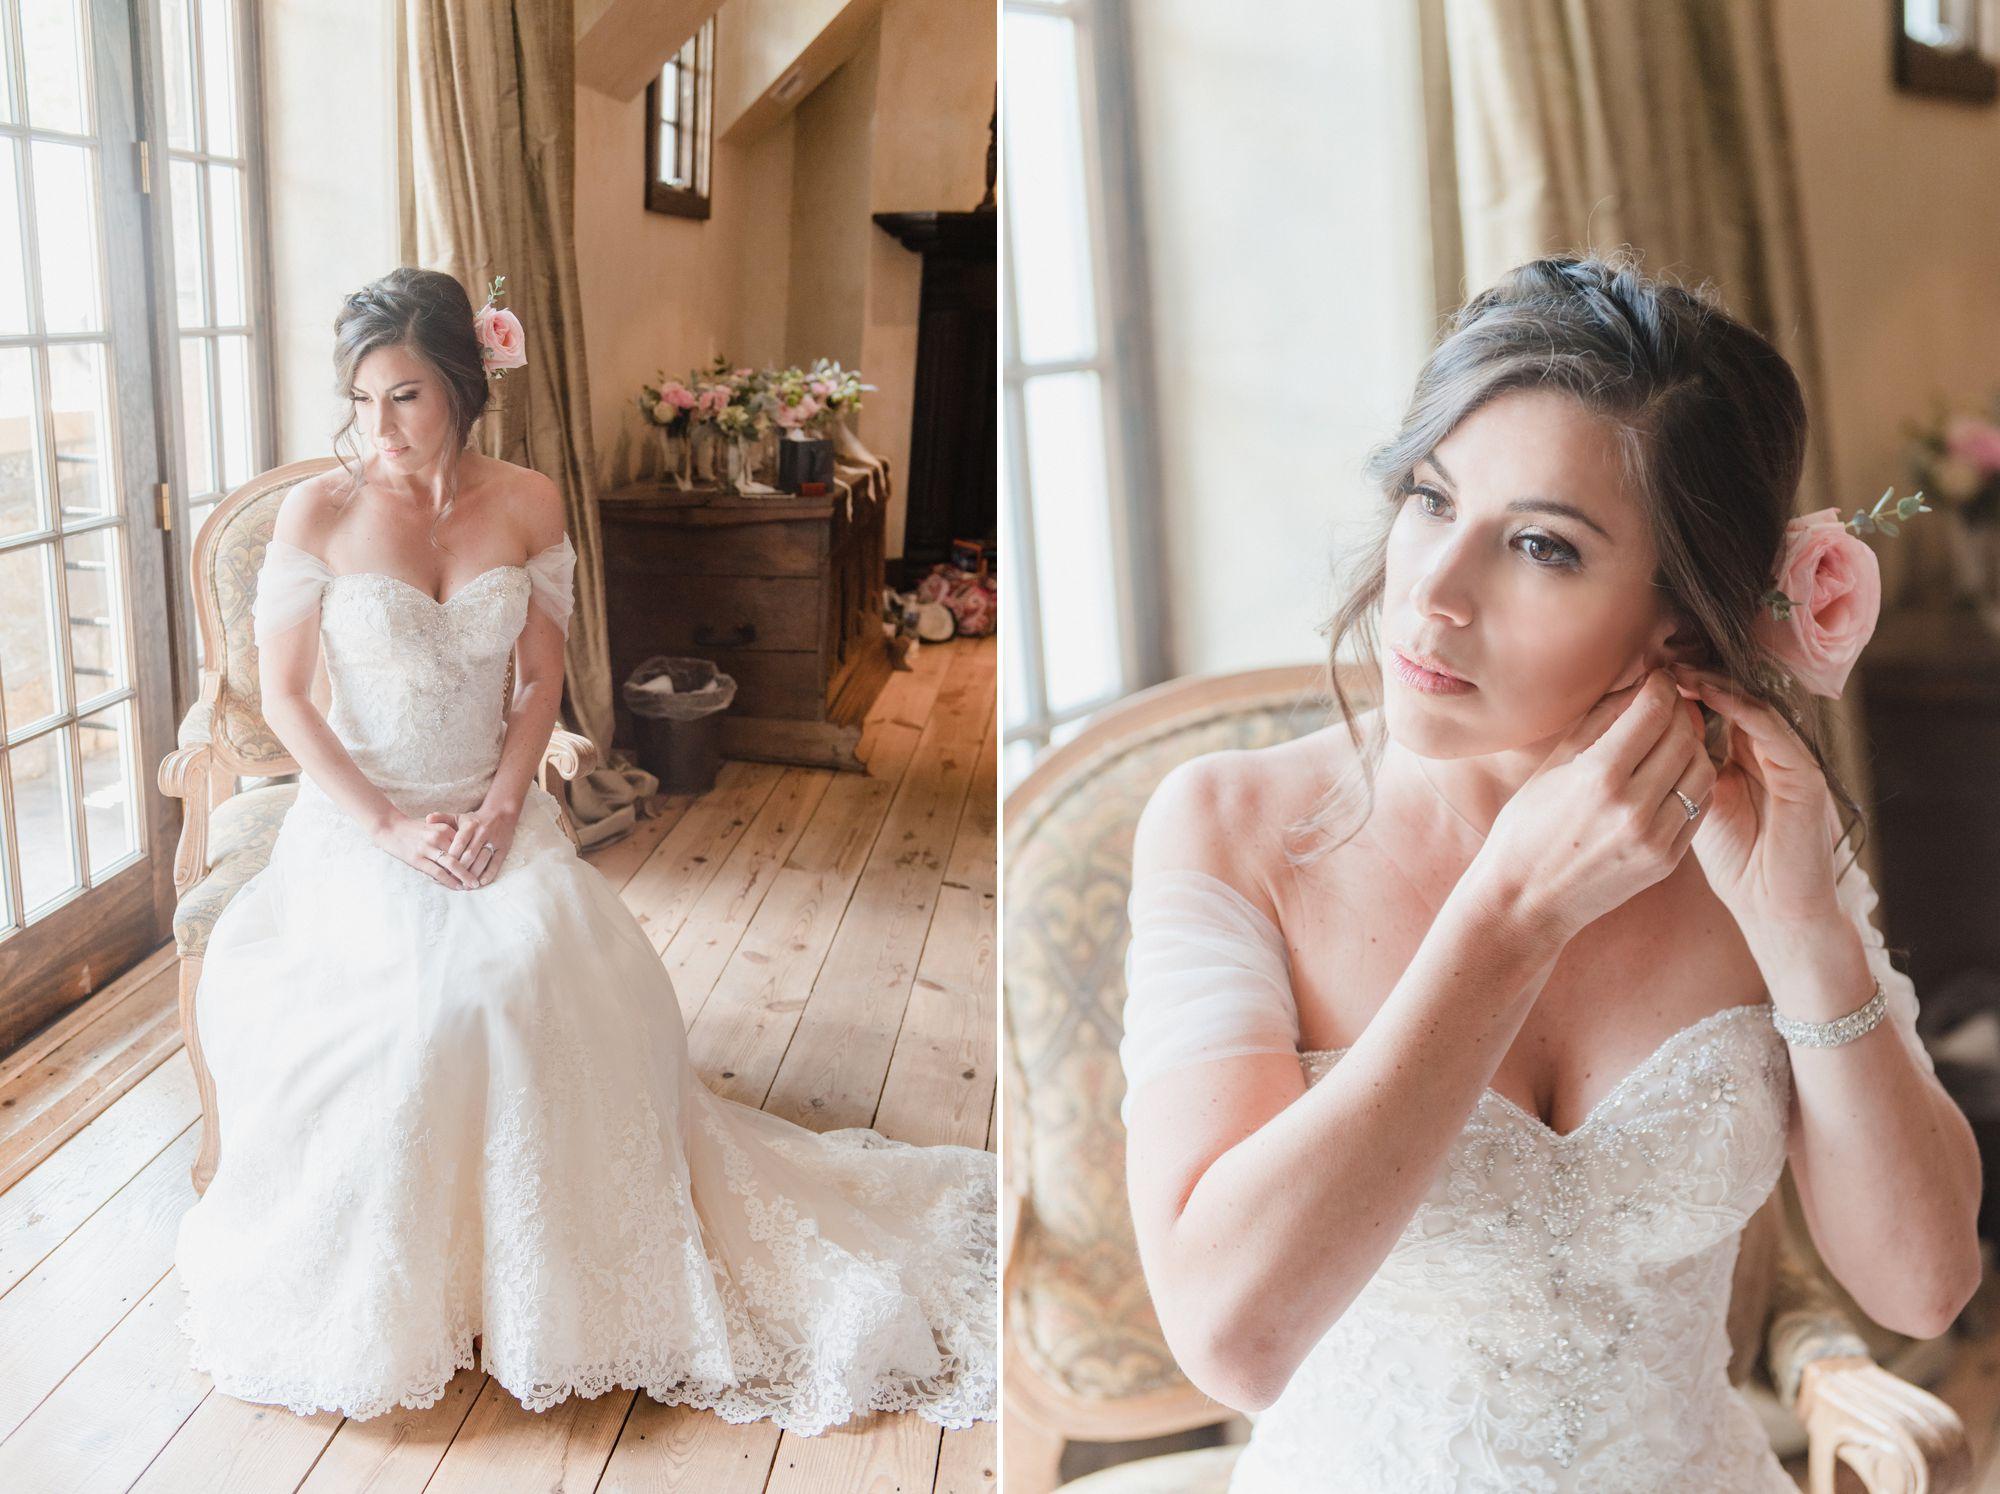 castle-ladyhawke-destination-wedding 22